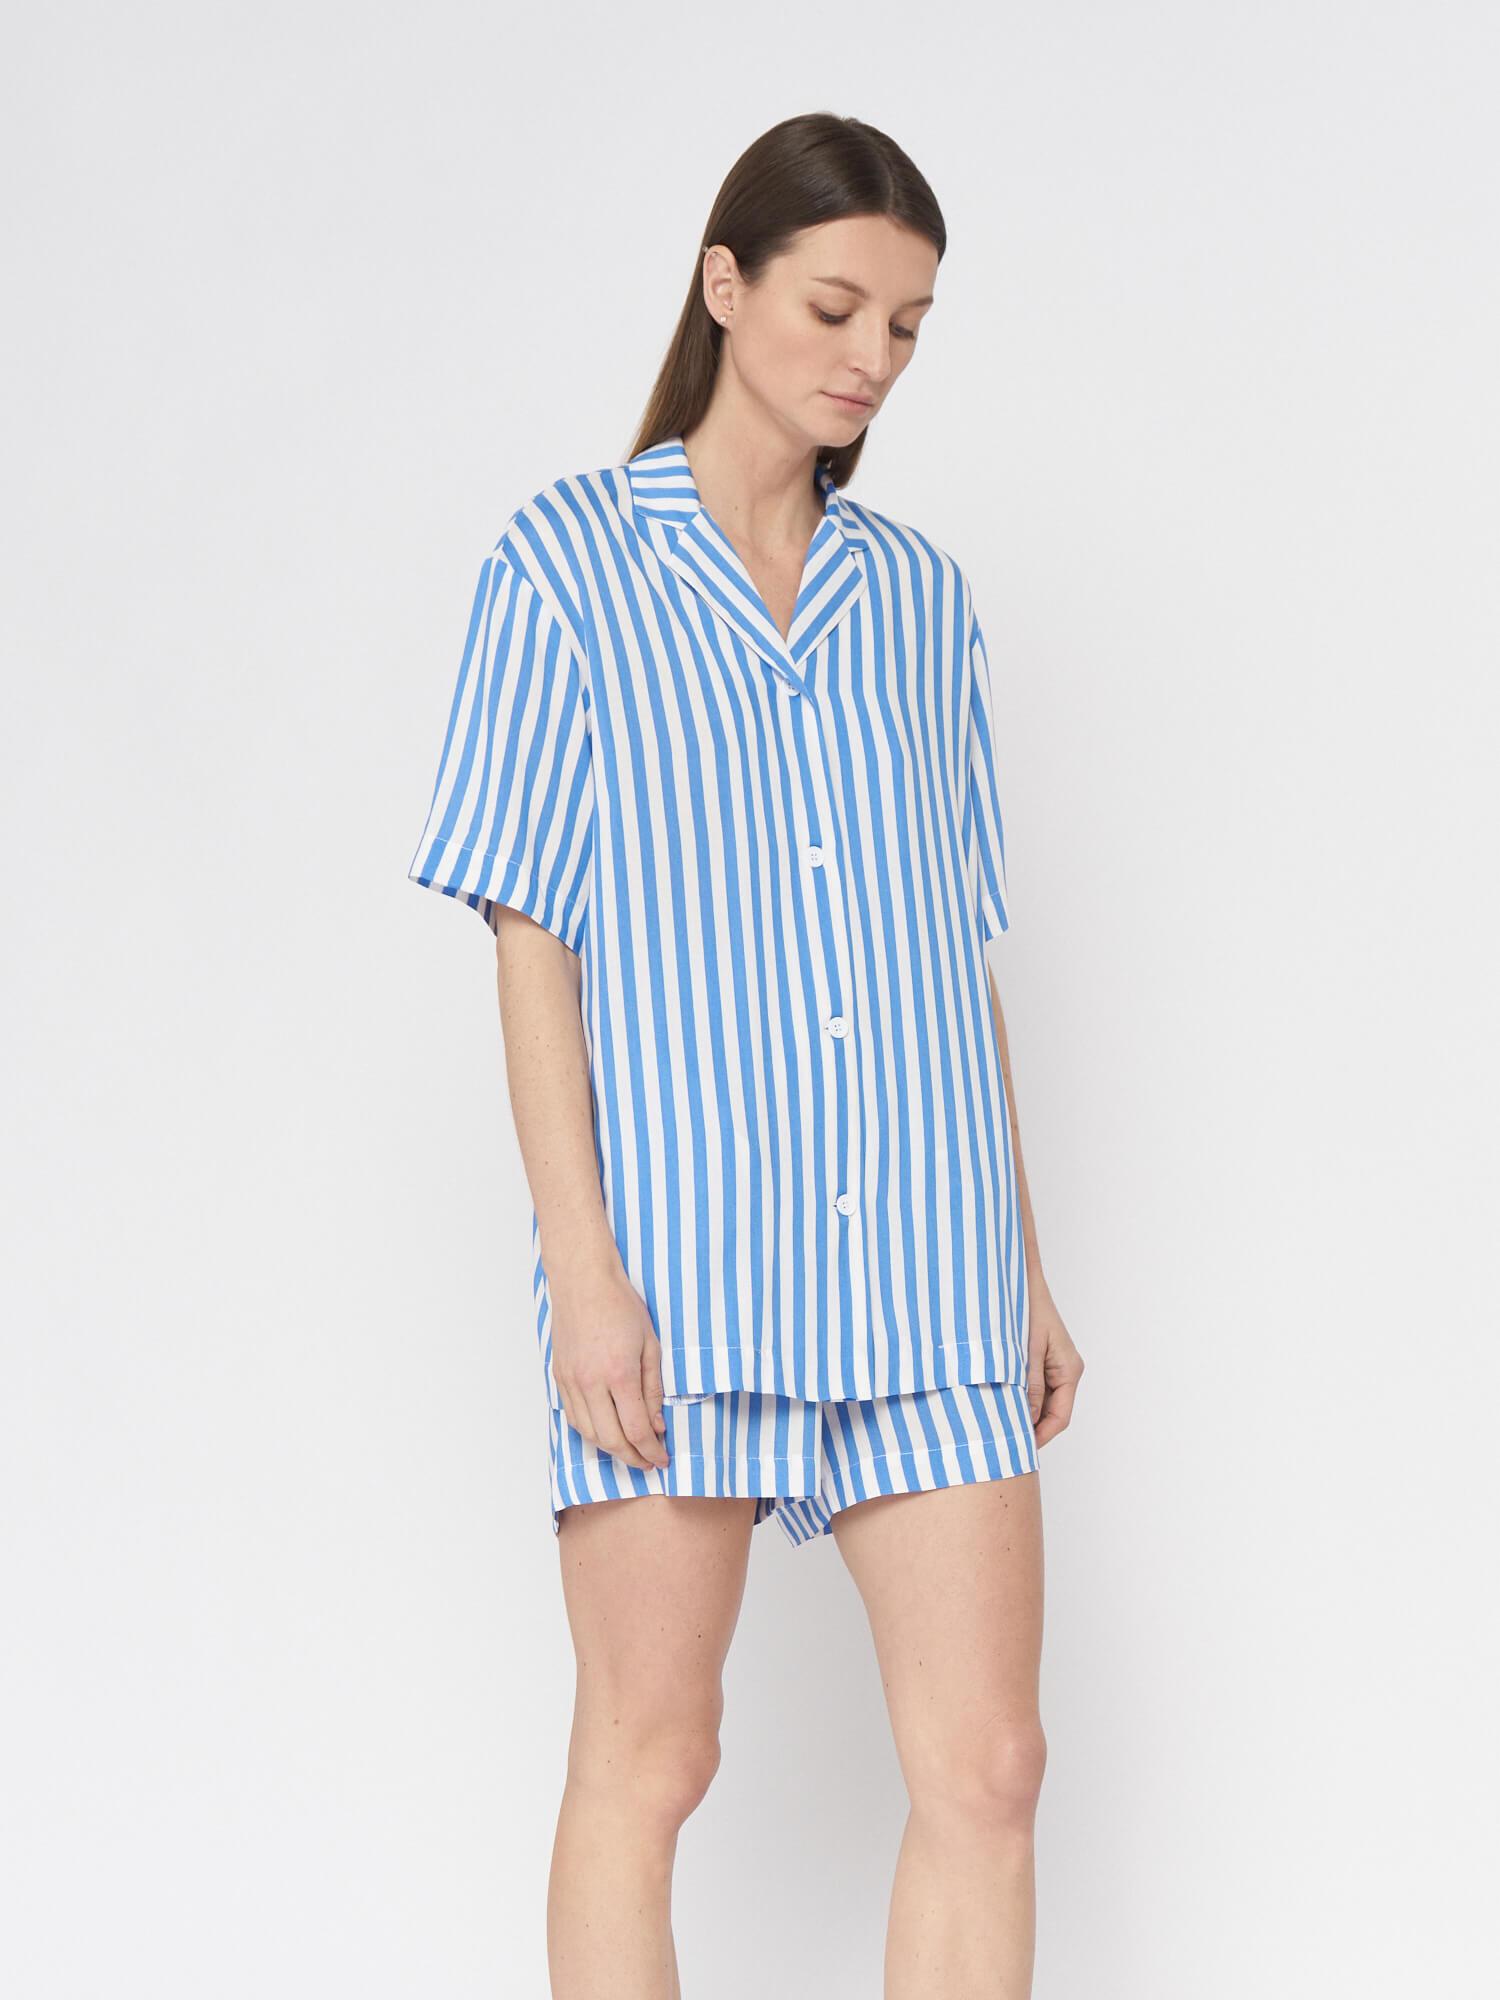 Рубашка в полоску Lexi в пижамном стиле, Голубой